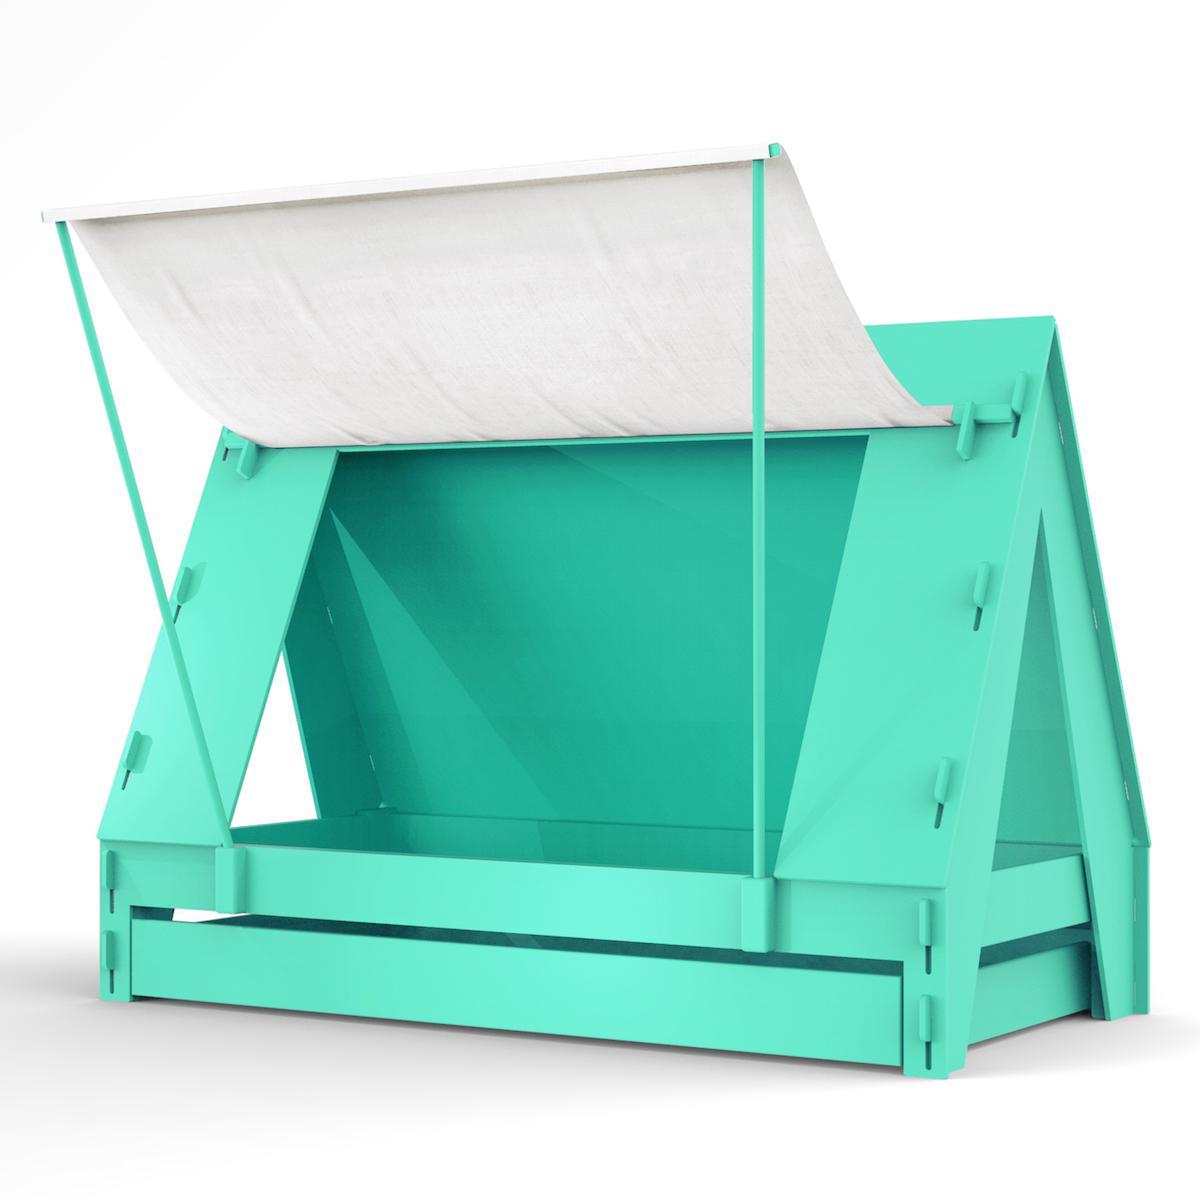 Lit bas-tiroir 90x200cm TENTE Mathy by Bols vert léger